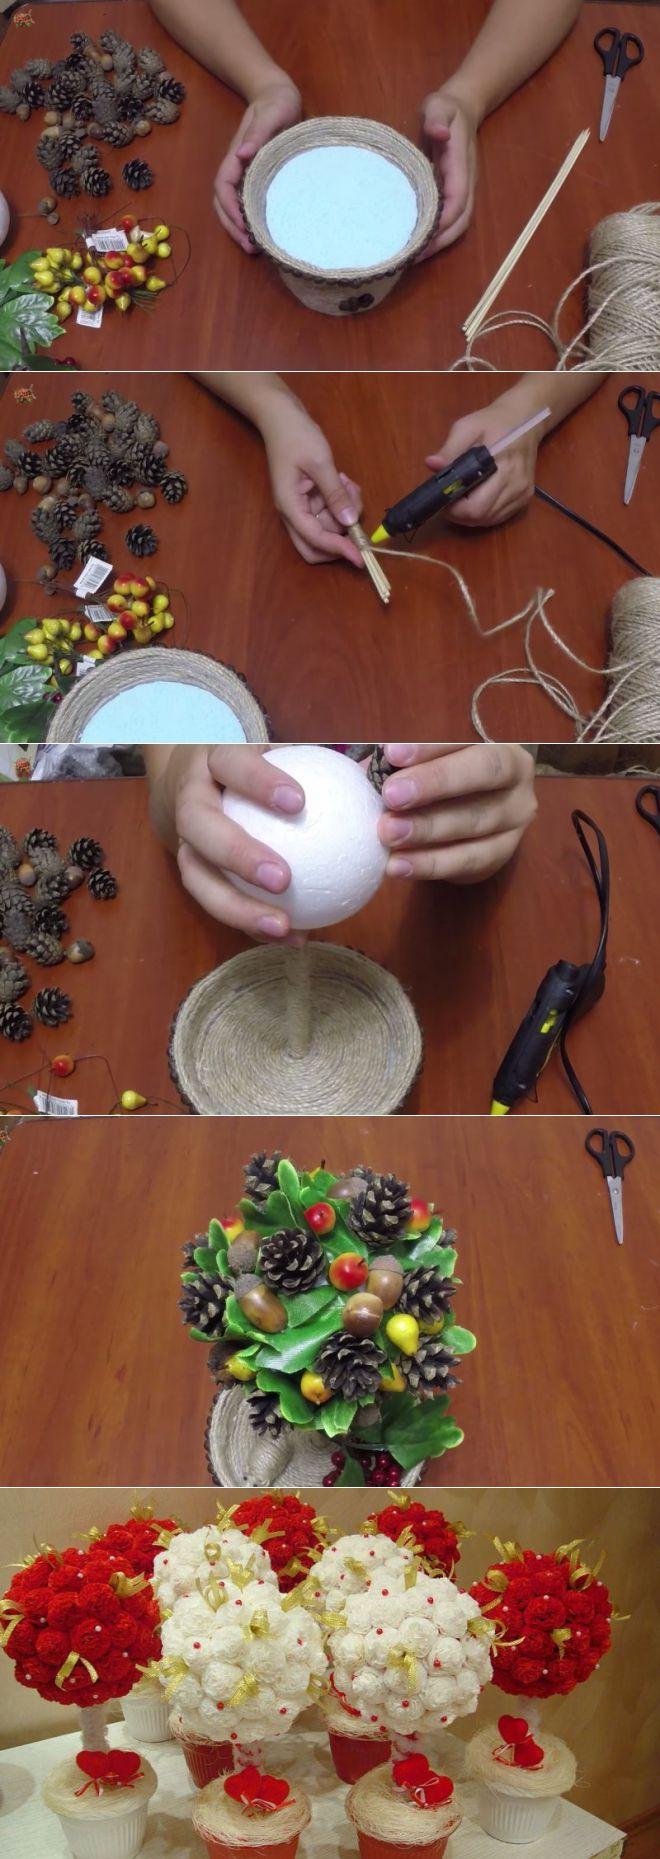 Плетение мебели из газетных трубочек: мастер-класс как сплести своими руками из бумажной лозы мебель